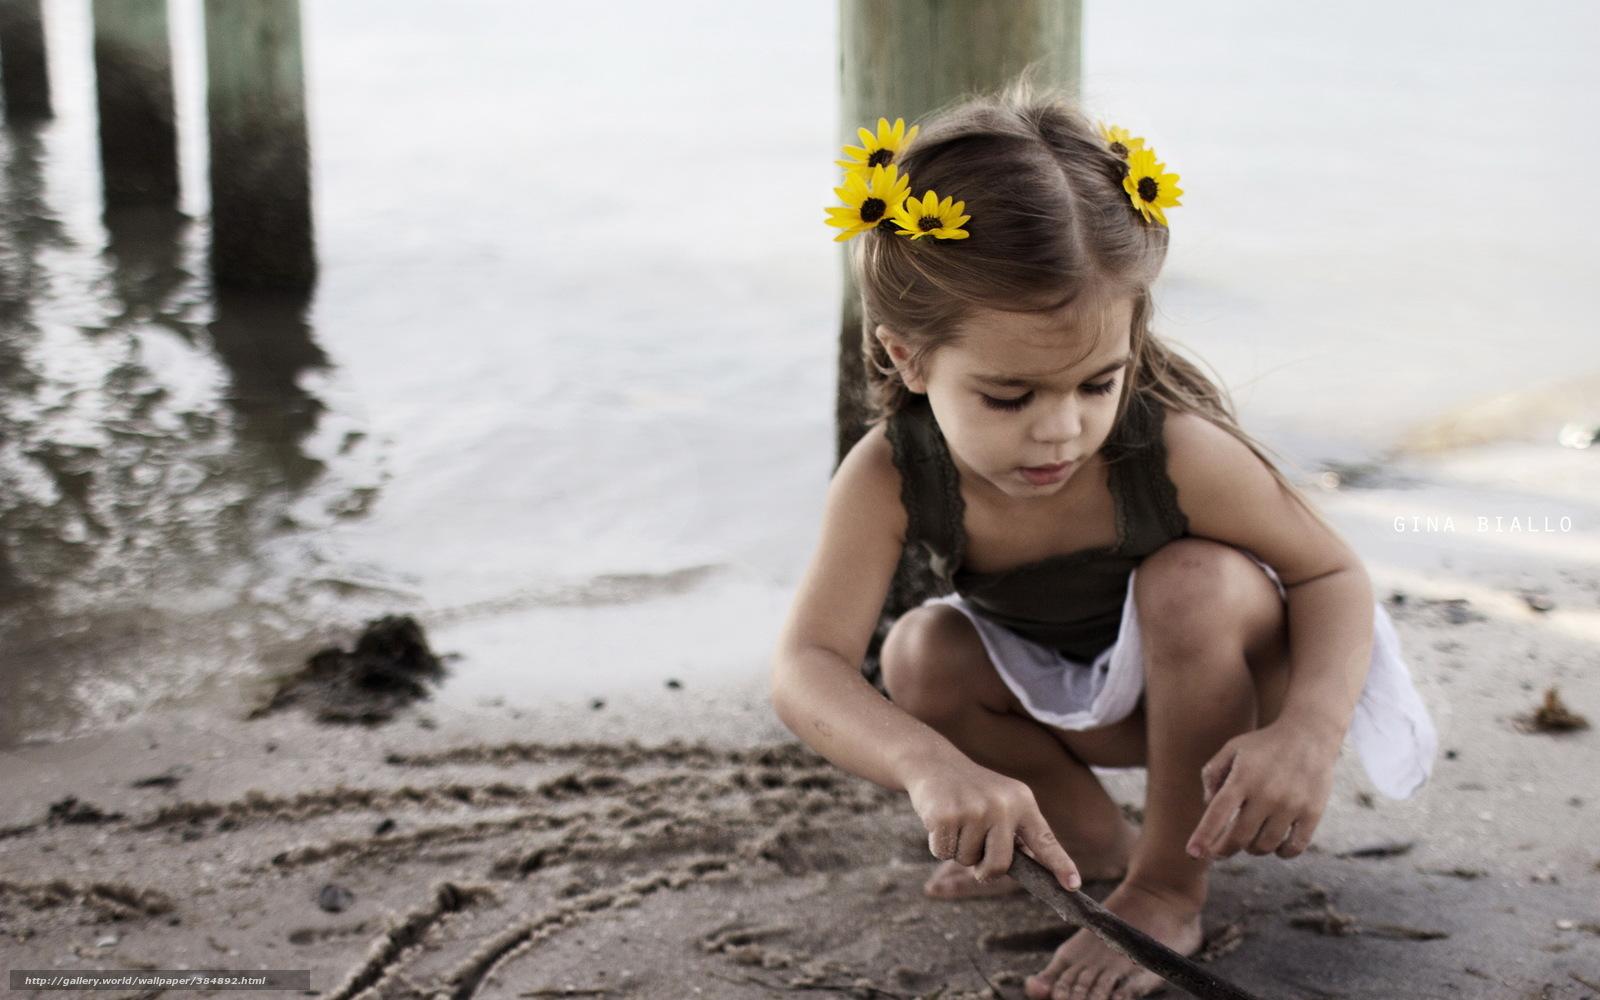 Фото писяющихся на пляже 2 фотография